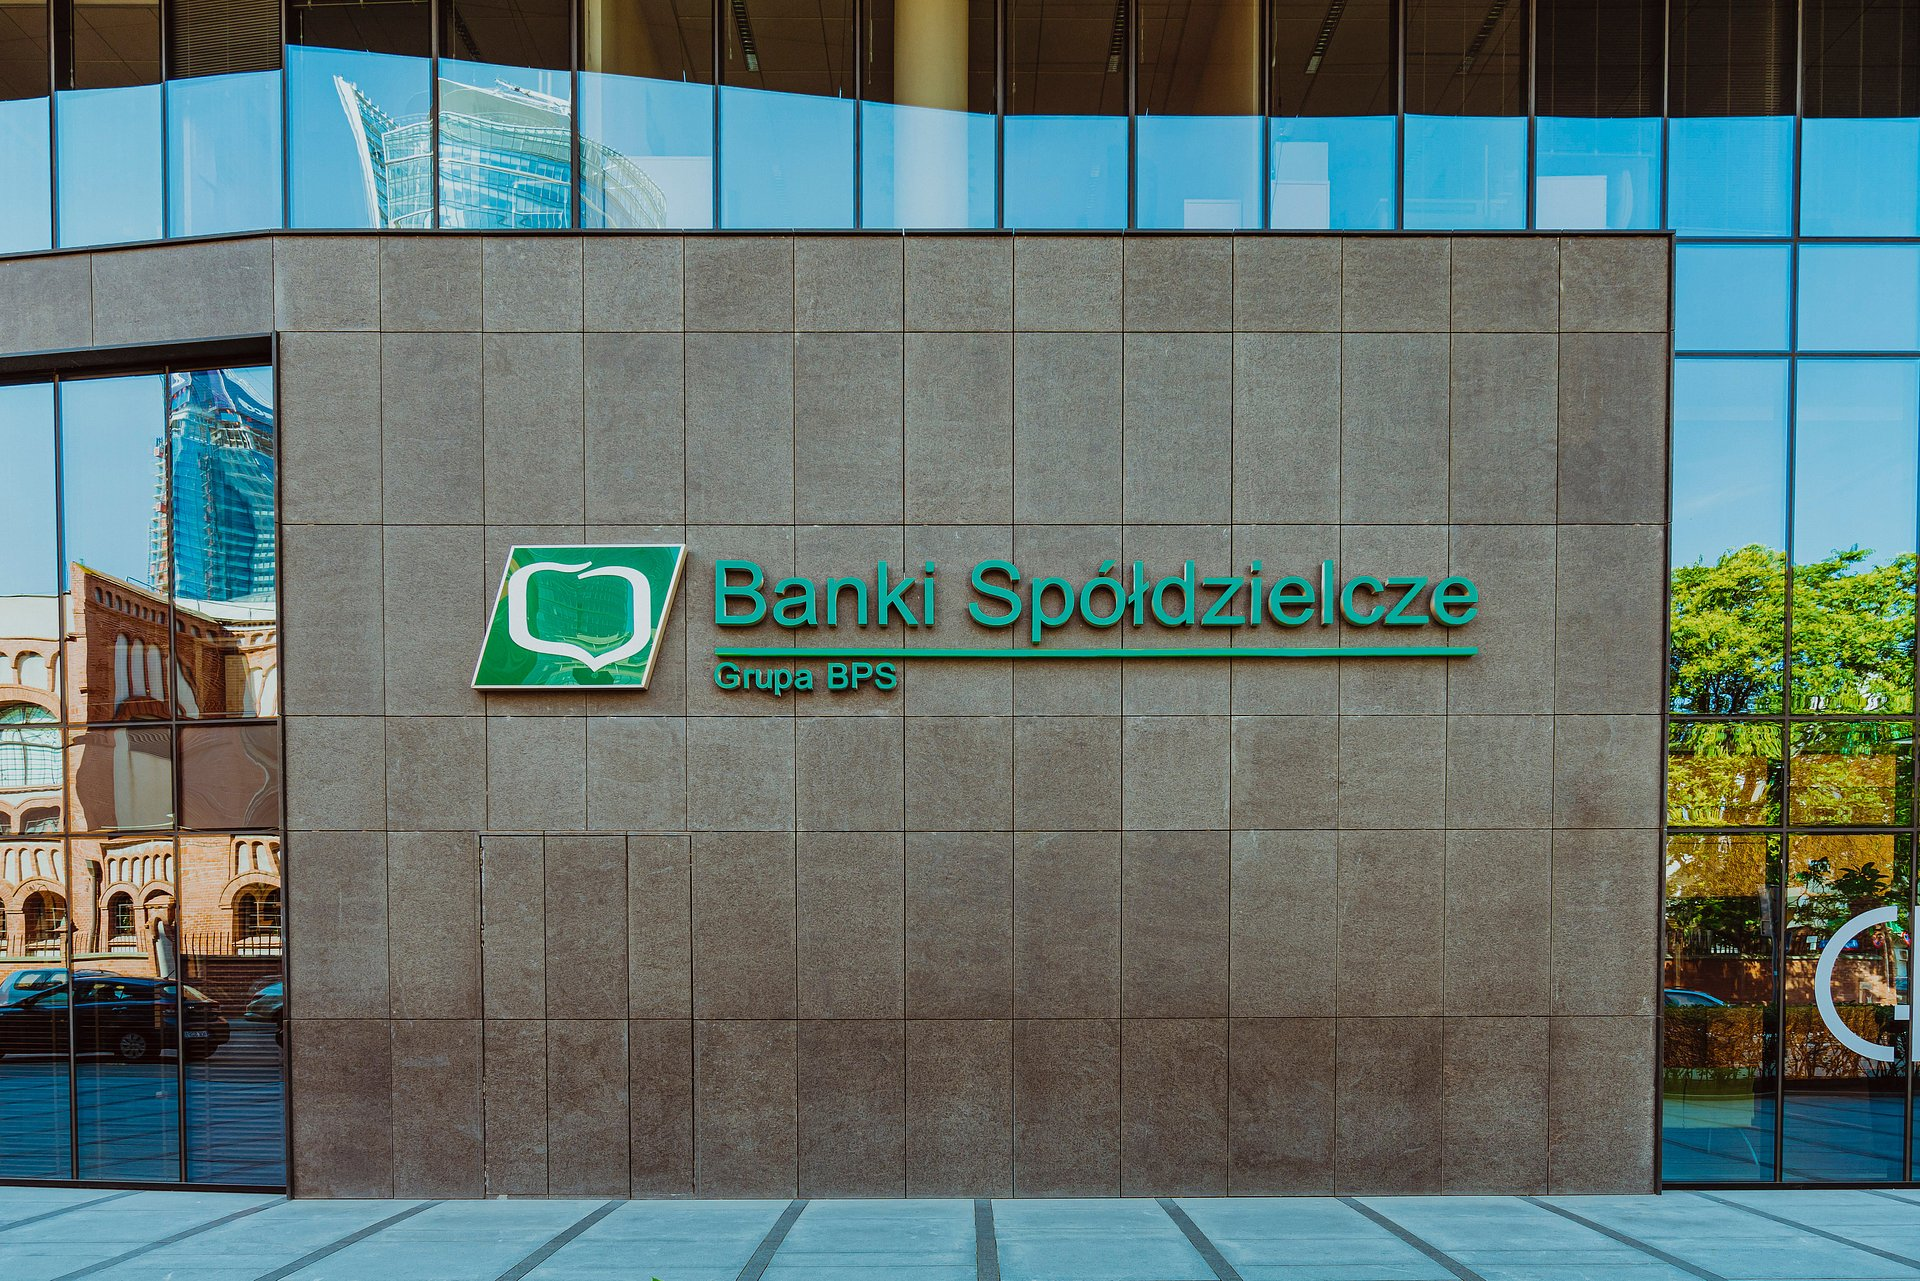 Zrzeszenie BPS wśród najlepszych banków udzielających kredytu technologicznego